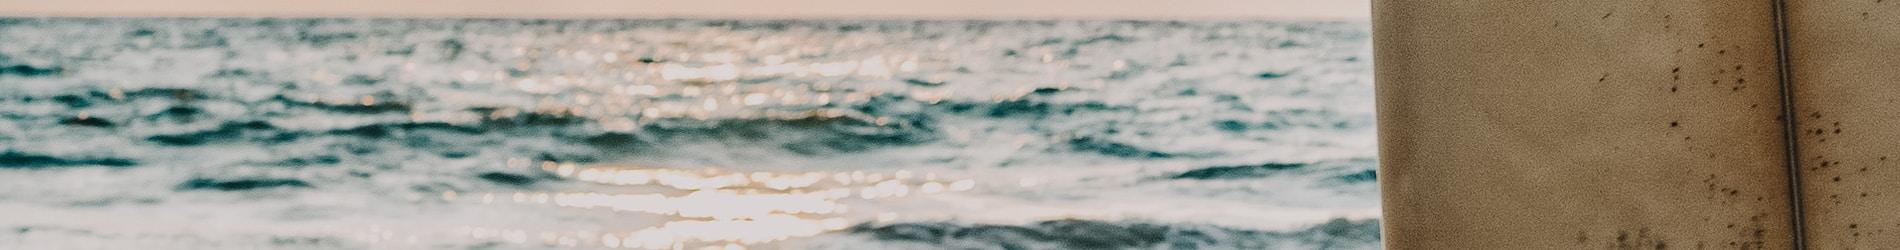 Early morning sunrise surf